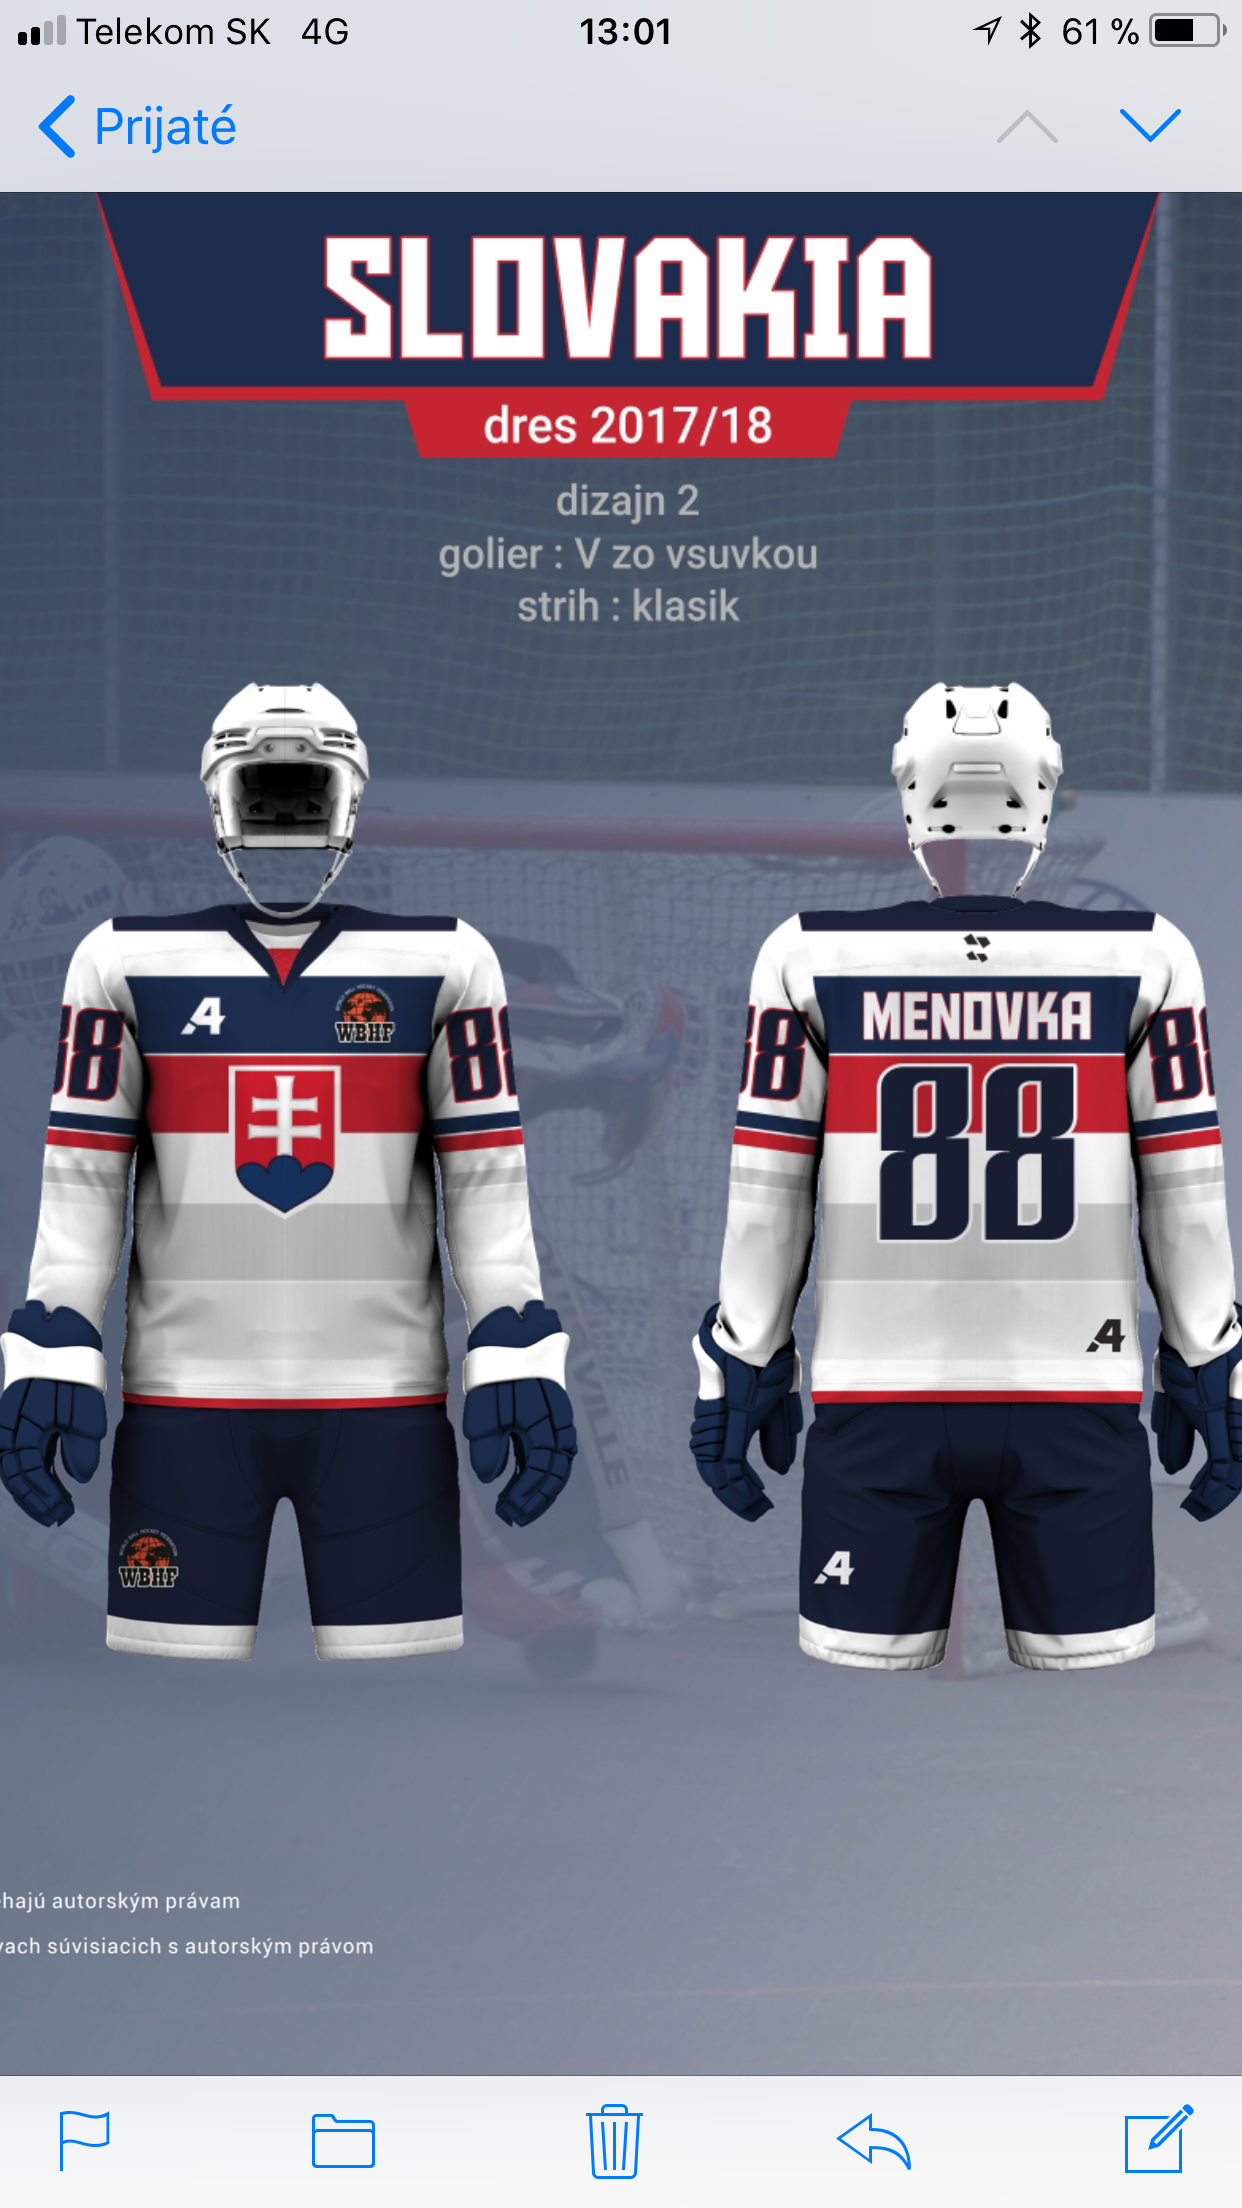 Pin Von Wbhf Auf Team Slovakia Ball Hockey Eishockey Hockey Telekom